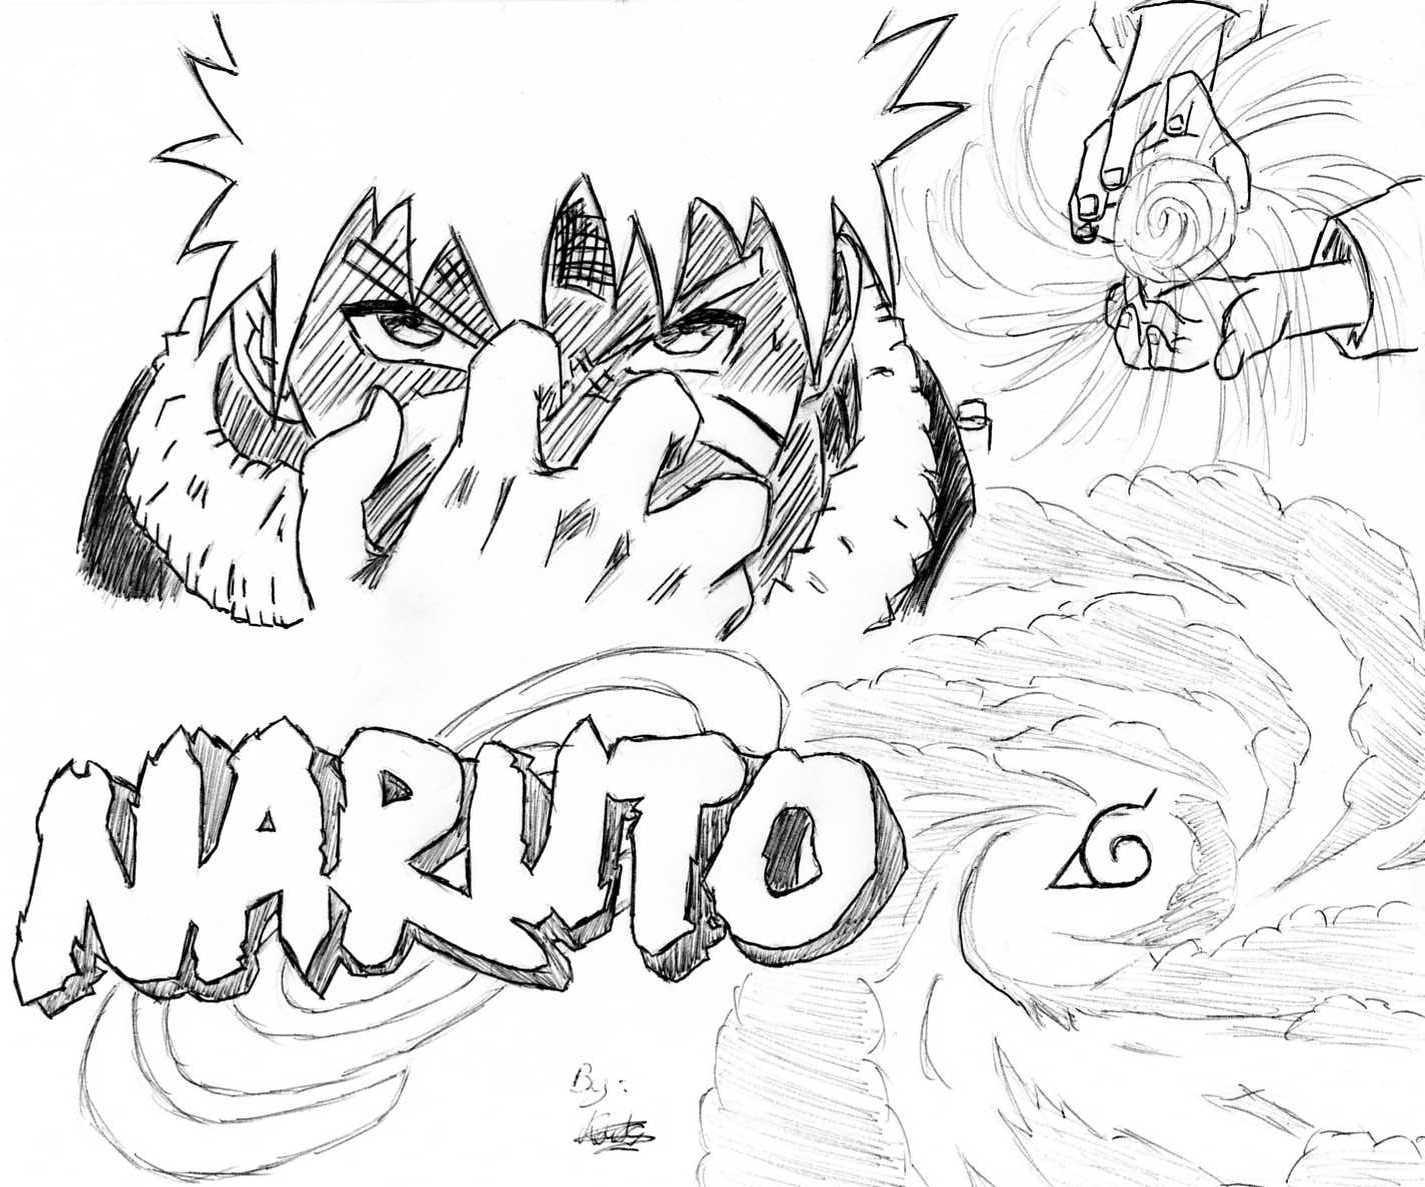 Dessins Gratuits À Colorier - Coloriage Naruto À Imprimer pour Coloriage De Naruto Shippuden A Imprimer